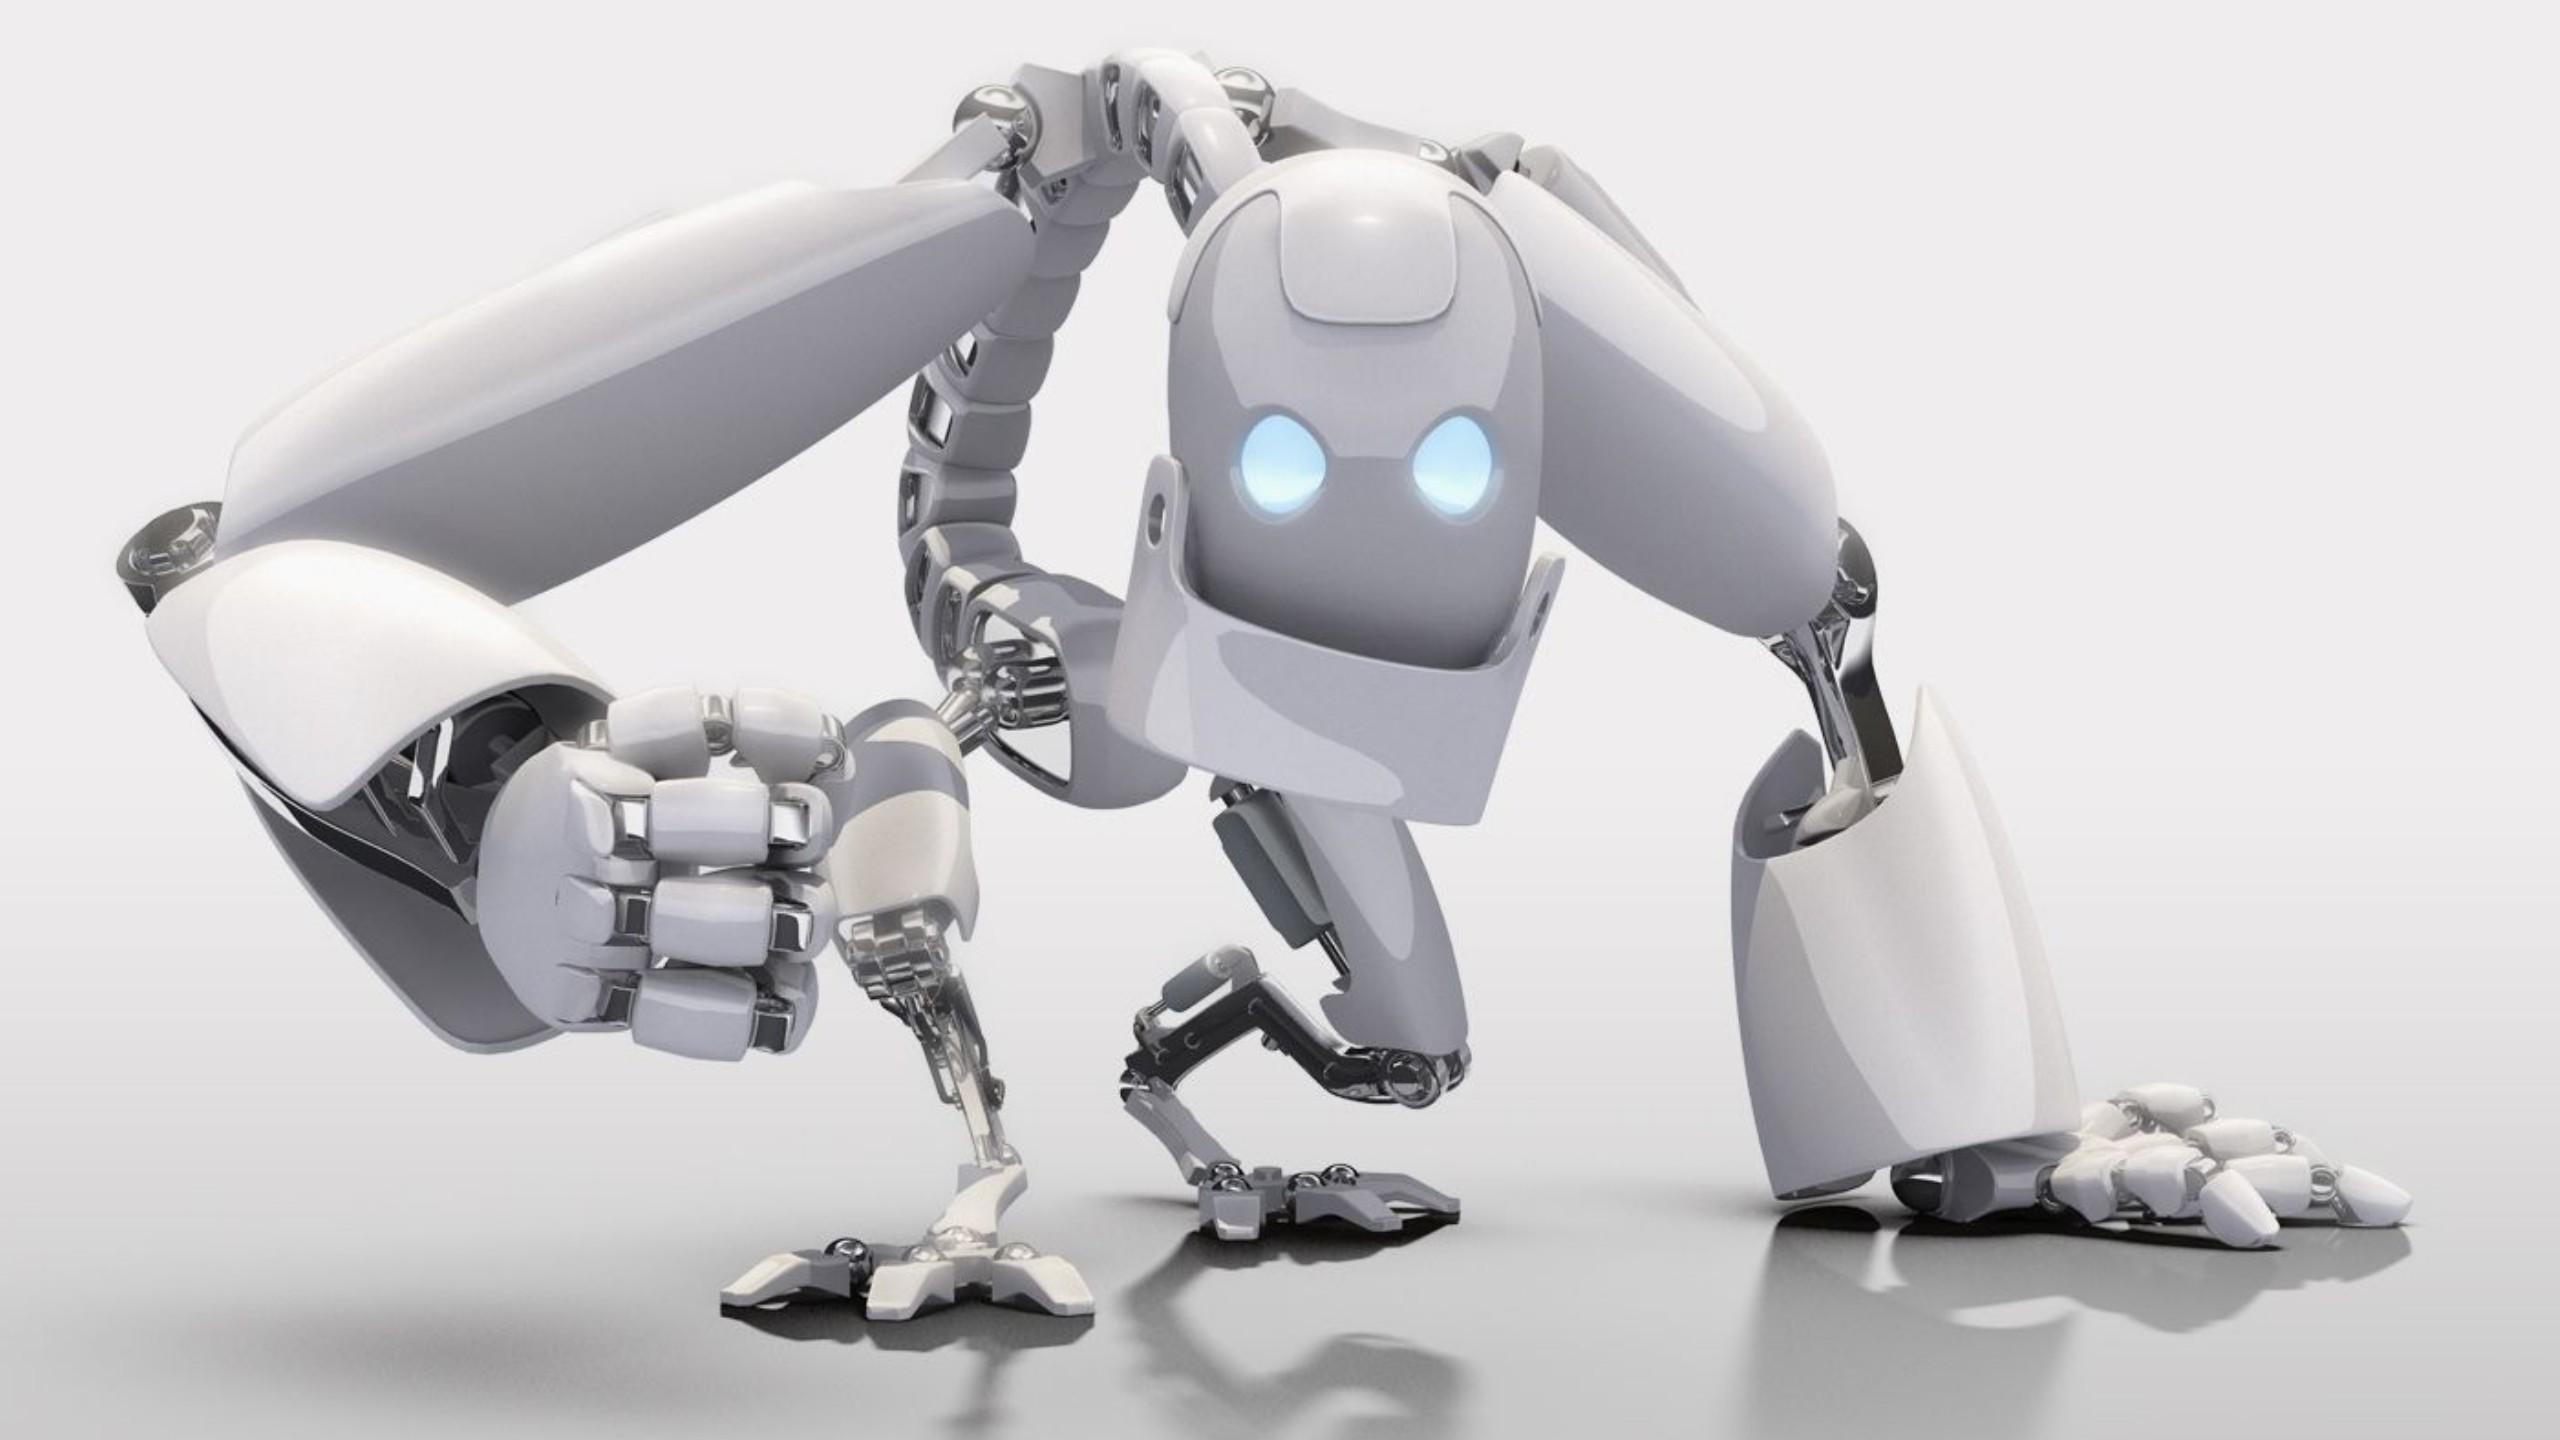 robot_2560x1440